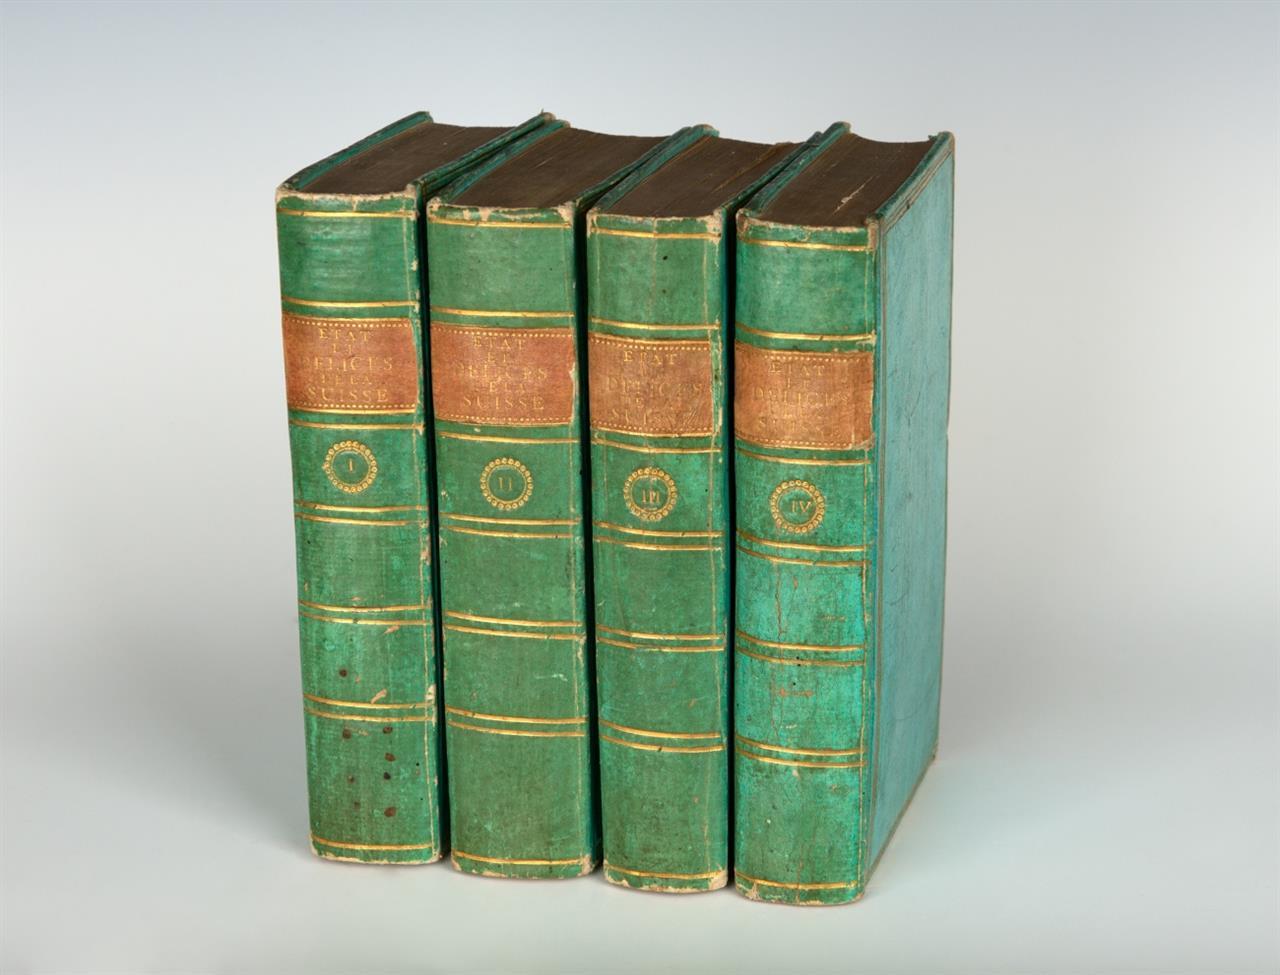 A. Ruchat, État et délices de la Suisse. Nouv. ed. 4 Bde. Basel 1776.